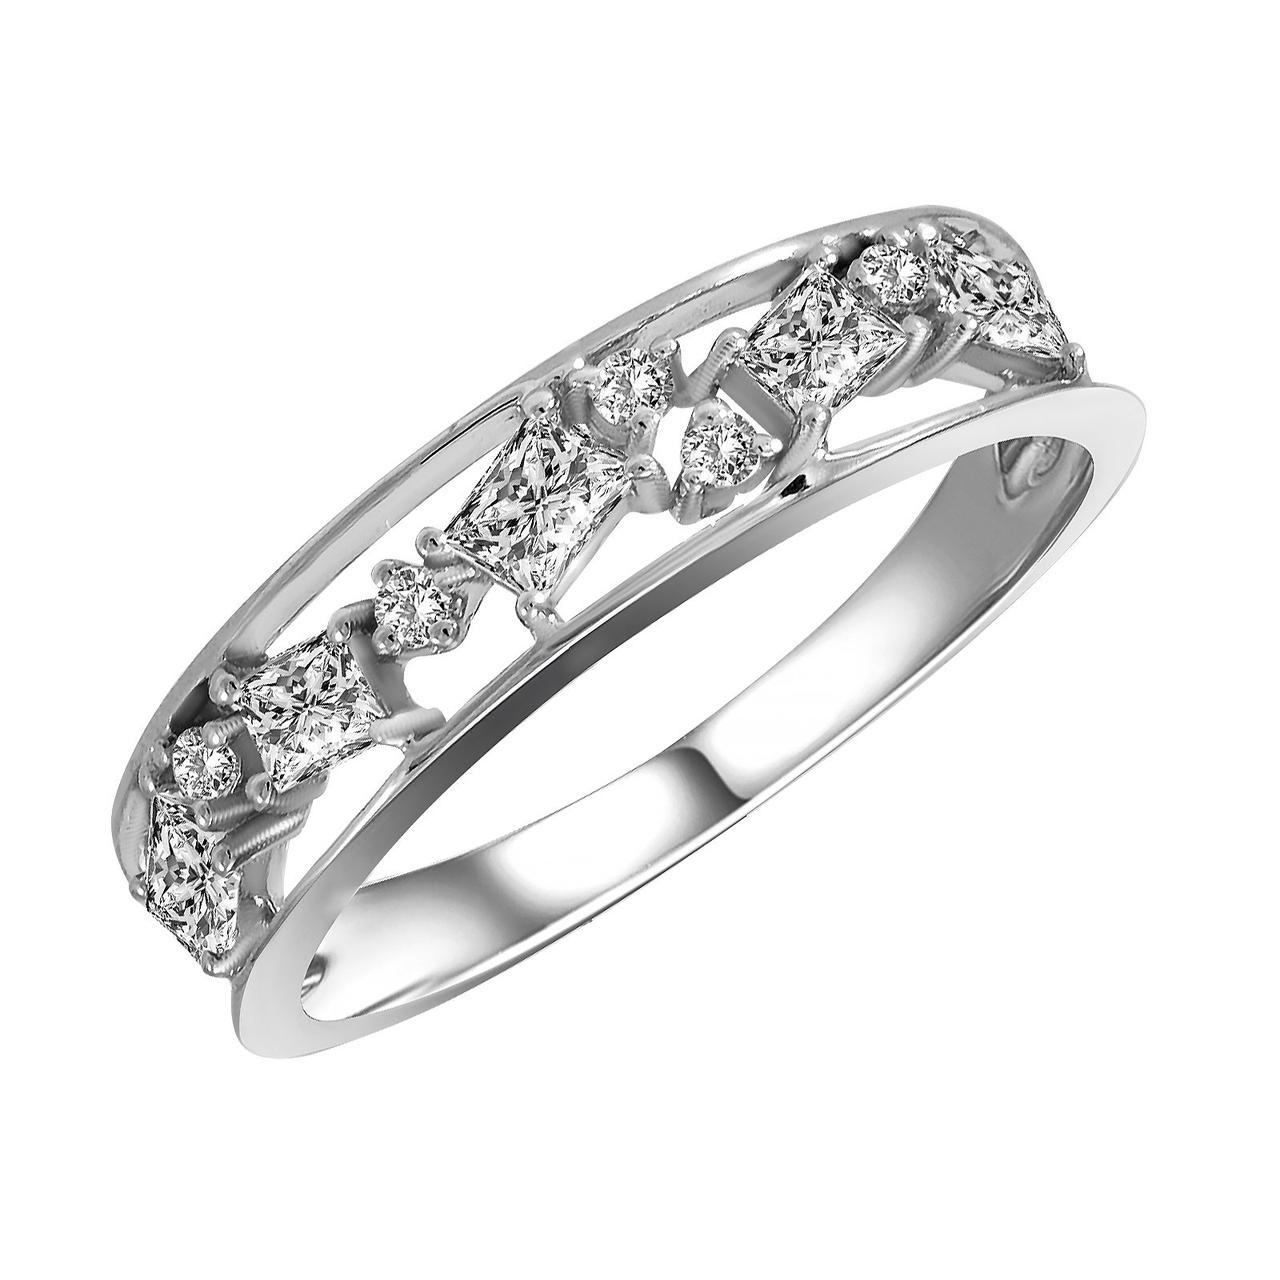 Золотое кольцо с бриллиантами, размер 16 (1722714)